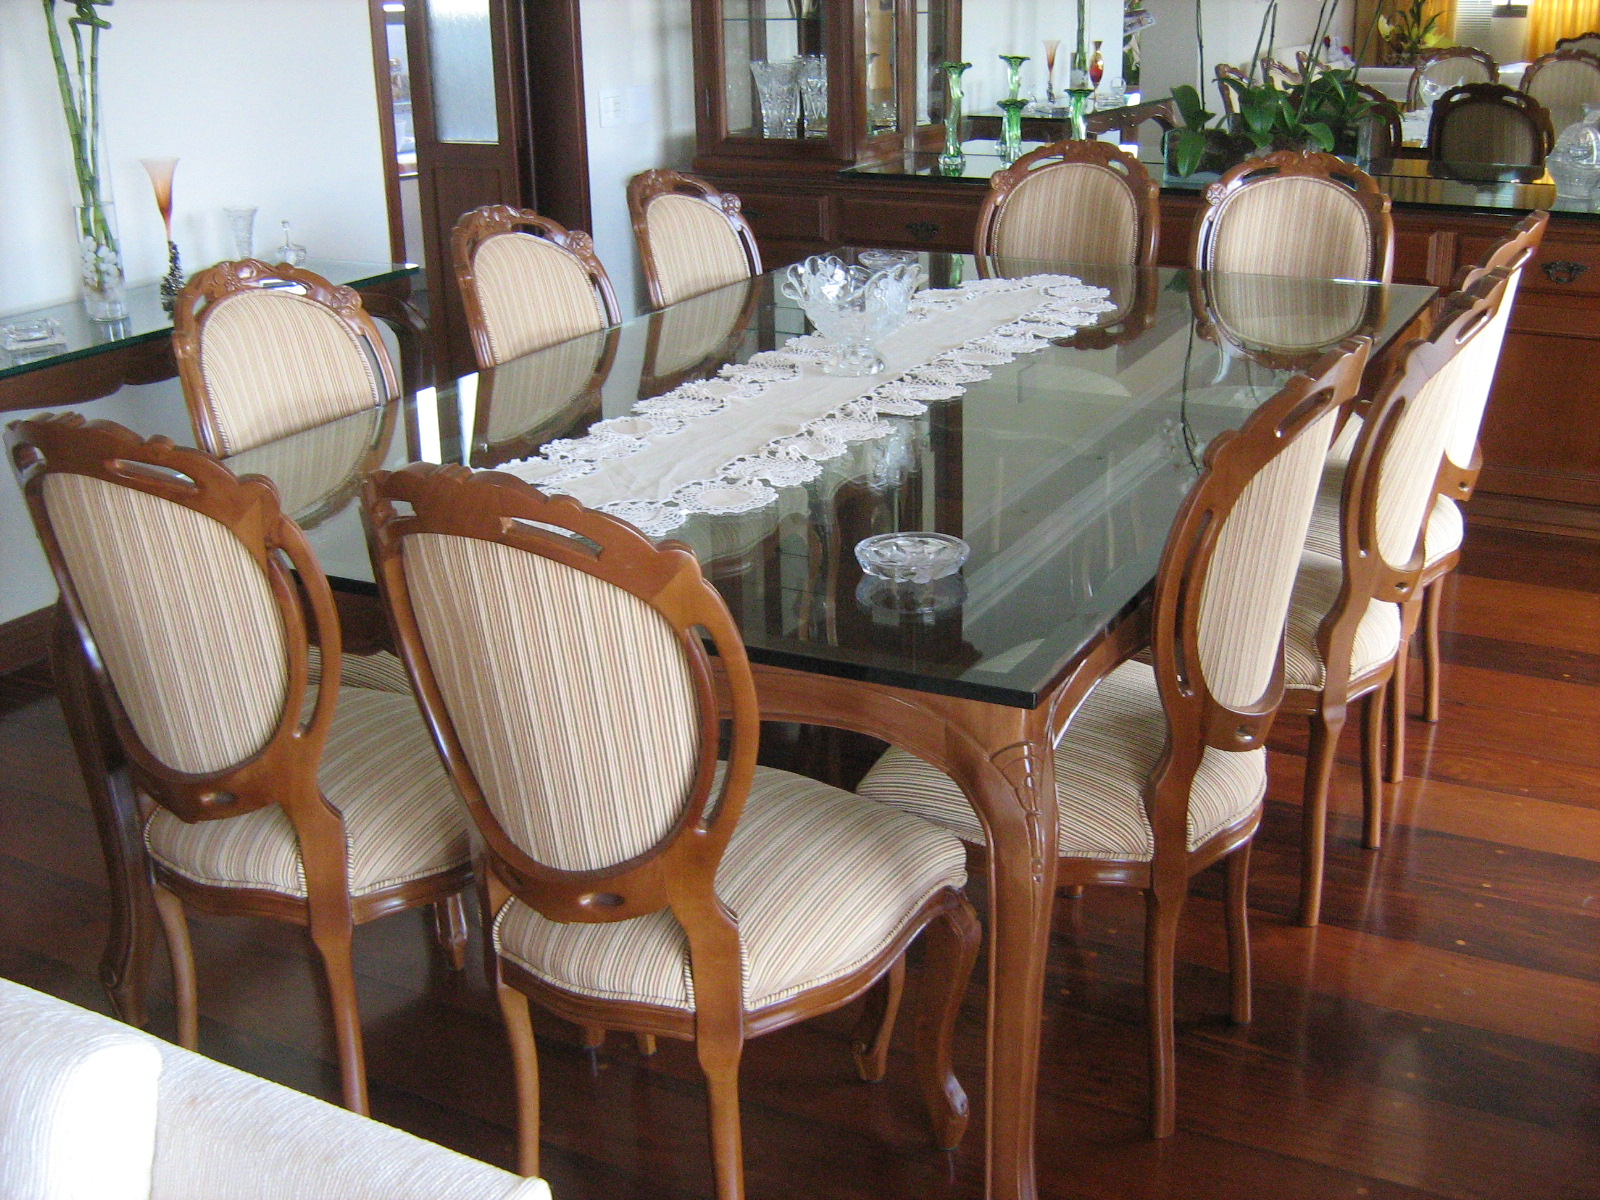 decoracao de interiores sao joao da madeira:Loja Moveis Madeira Maciça SP – Moveis Sob encomenda de Alto Padrão